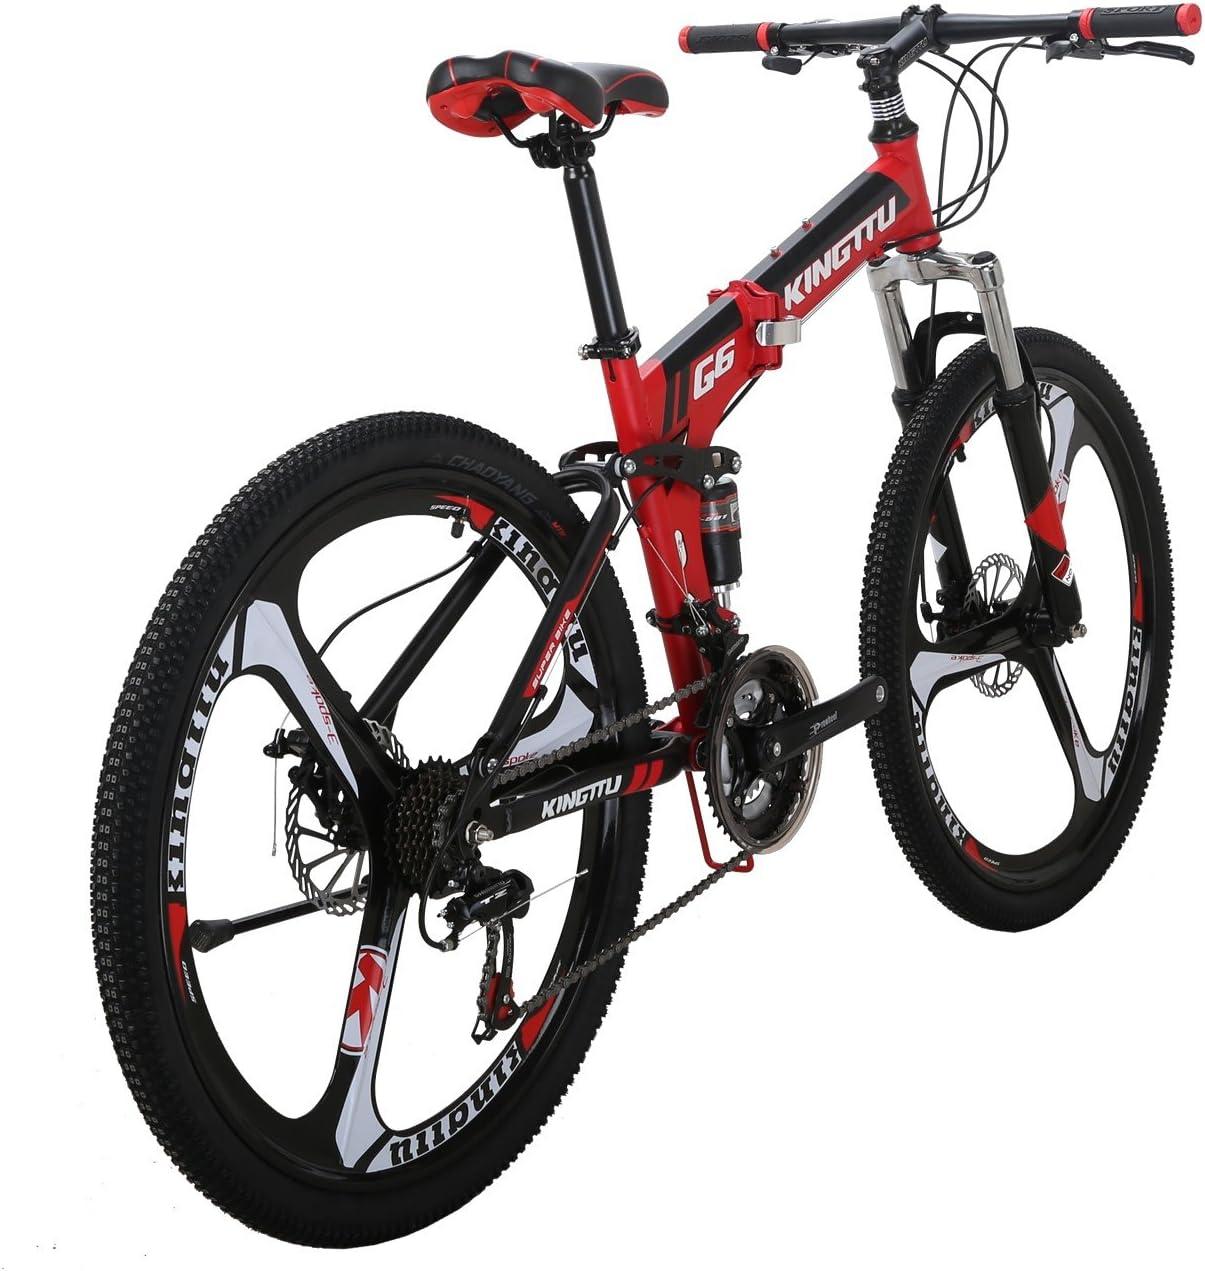 LZBIKE 自転車G6-26 マウンテンバイク 折りたたみ自転車 スチール自転車 21速シフト3×7速 3本スポークホイール自転車 赤